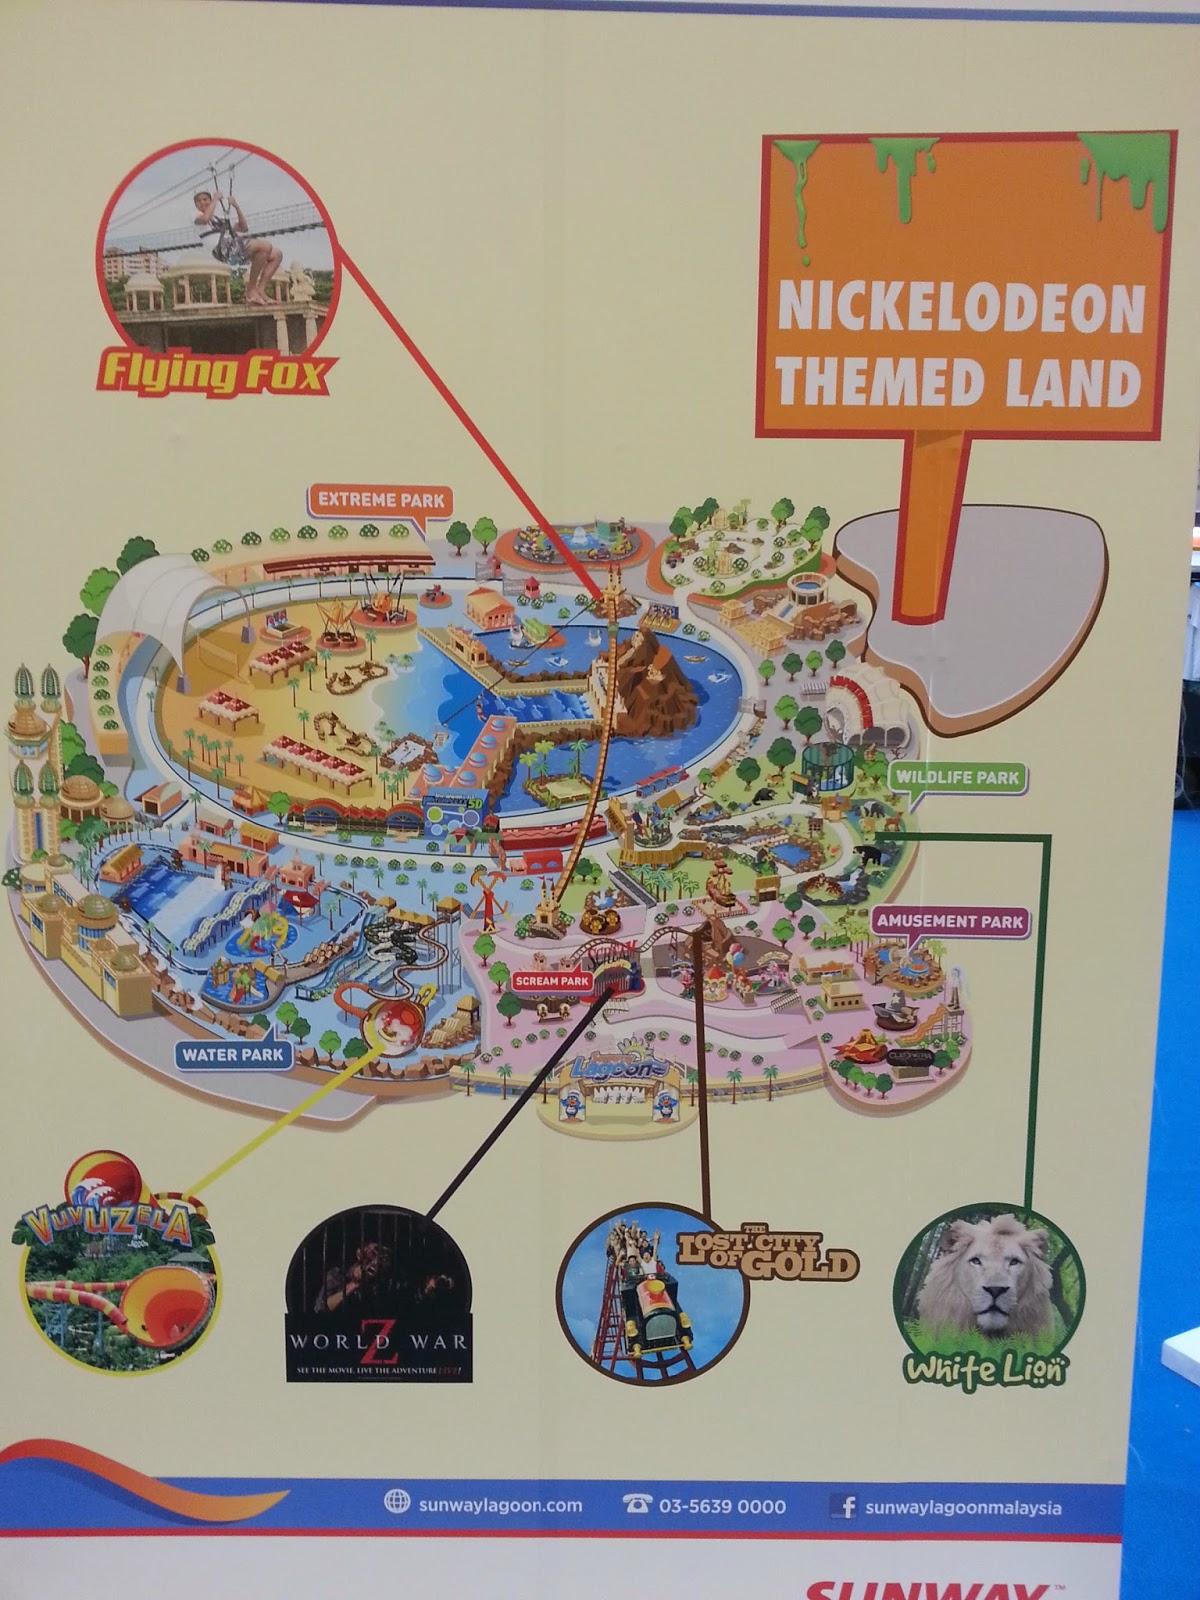 Diari Si Ketam Batu Jom Gedik Santai Ke Sunway Lagoon Tiket Kuala Lumpur Dewasa Jika Kita Lihat Map Di Atas Terbahagi Kepada Empat Tarikan Utama Amusement Park Wildlife Extreme Dan Water